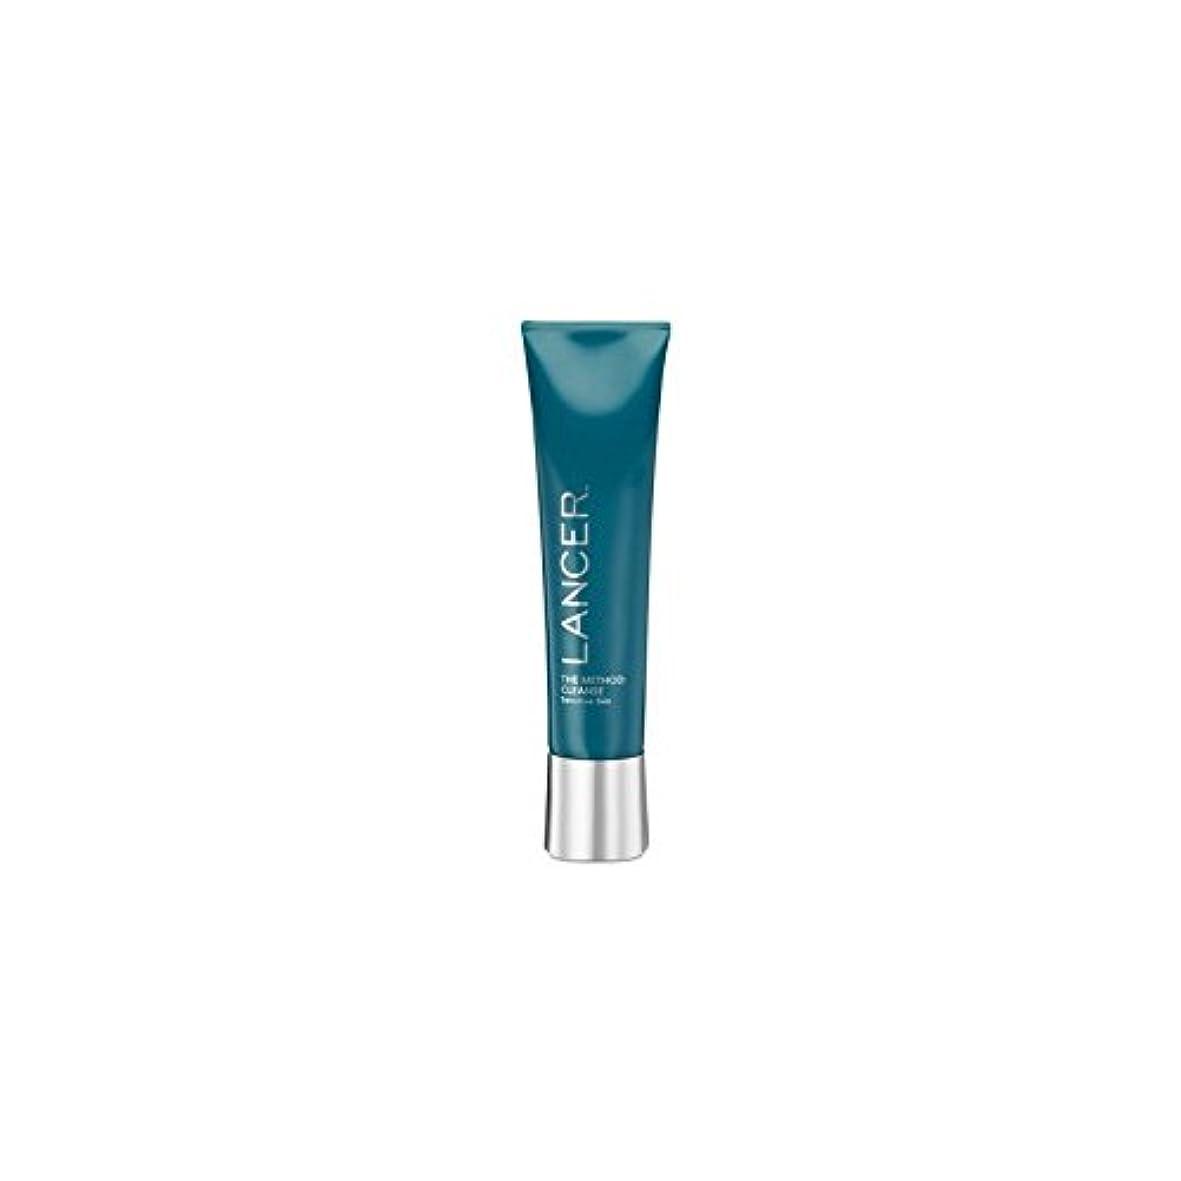 クレンザー敏感肌(120ミリリットル):ランサーは、メソッドをスキンケア x2 - Lancer Skincare The Method: Cleanser Sensitive Skin (120ml) (Pack of...